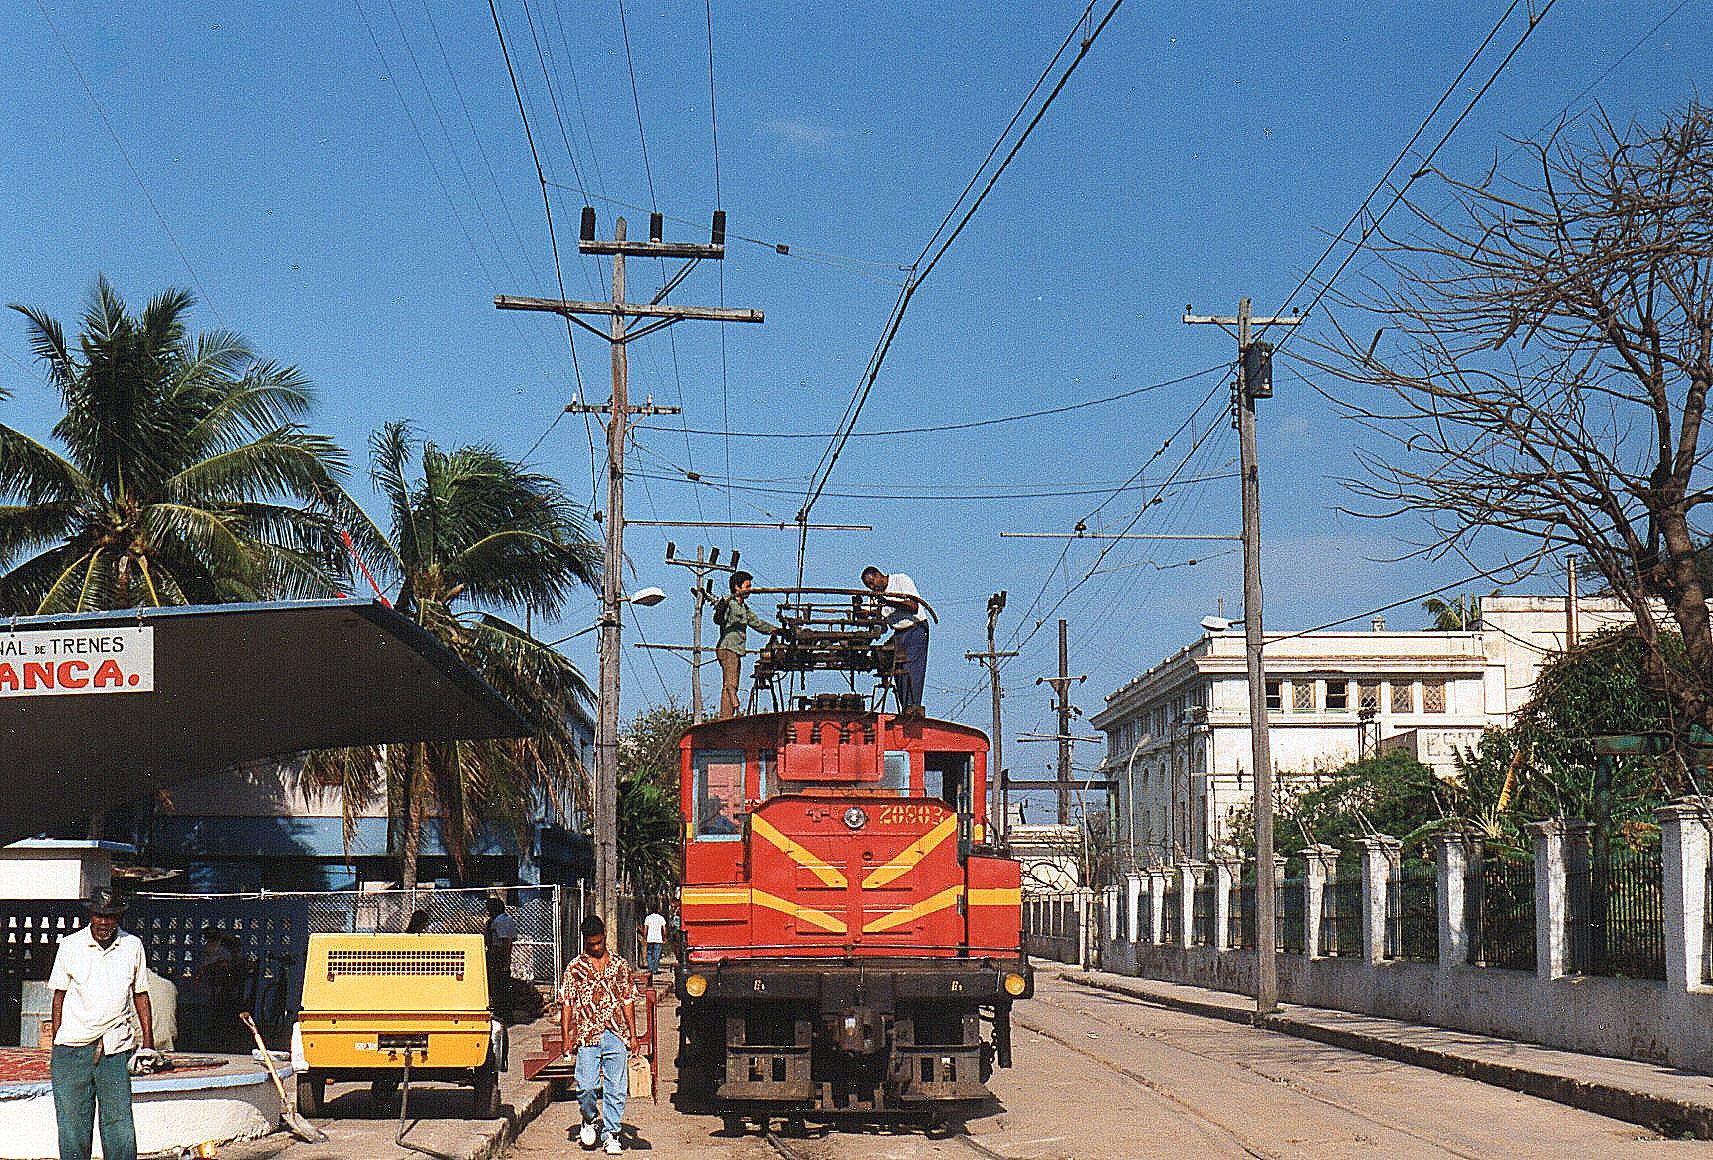 """Hersheybanen udgård fra Havanaforstaden Casablanca. Banen fører midt gennem gaderne, og stationen ligger også midt i gaden. Det aldrende lokomotiv havde manuel hævning af strømaftageren. Da jeg så dette syn, røg det ud af min Cubas beskæftigelsessituation in mente: Nå, det bruger nok engangspersonale!"""" Jeg havde dog set mændene afbryde strømmen, inden kravlede op på maskinen."""